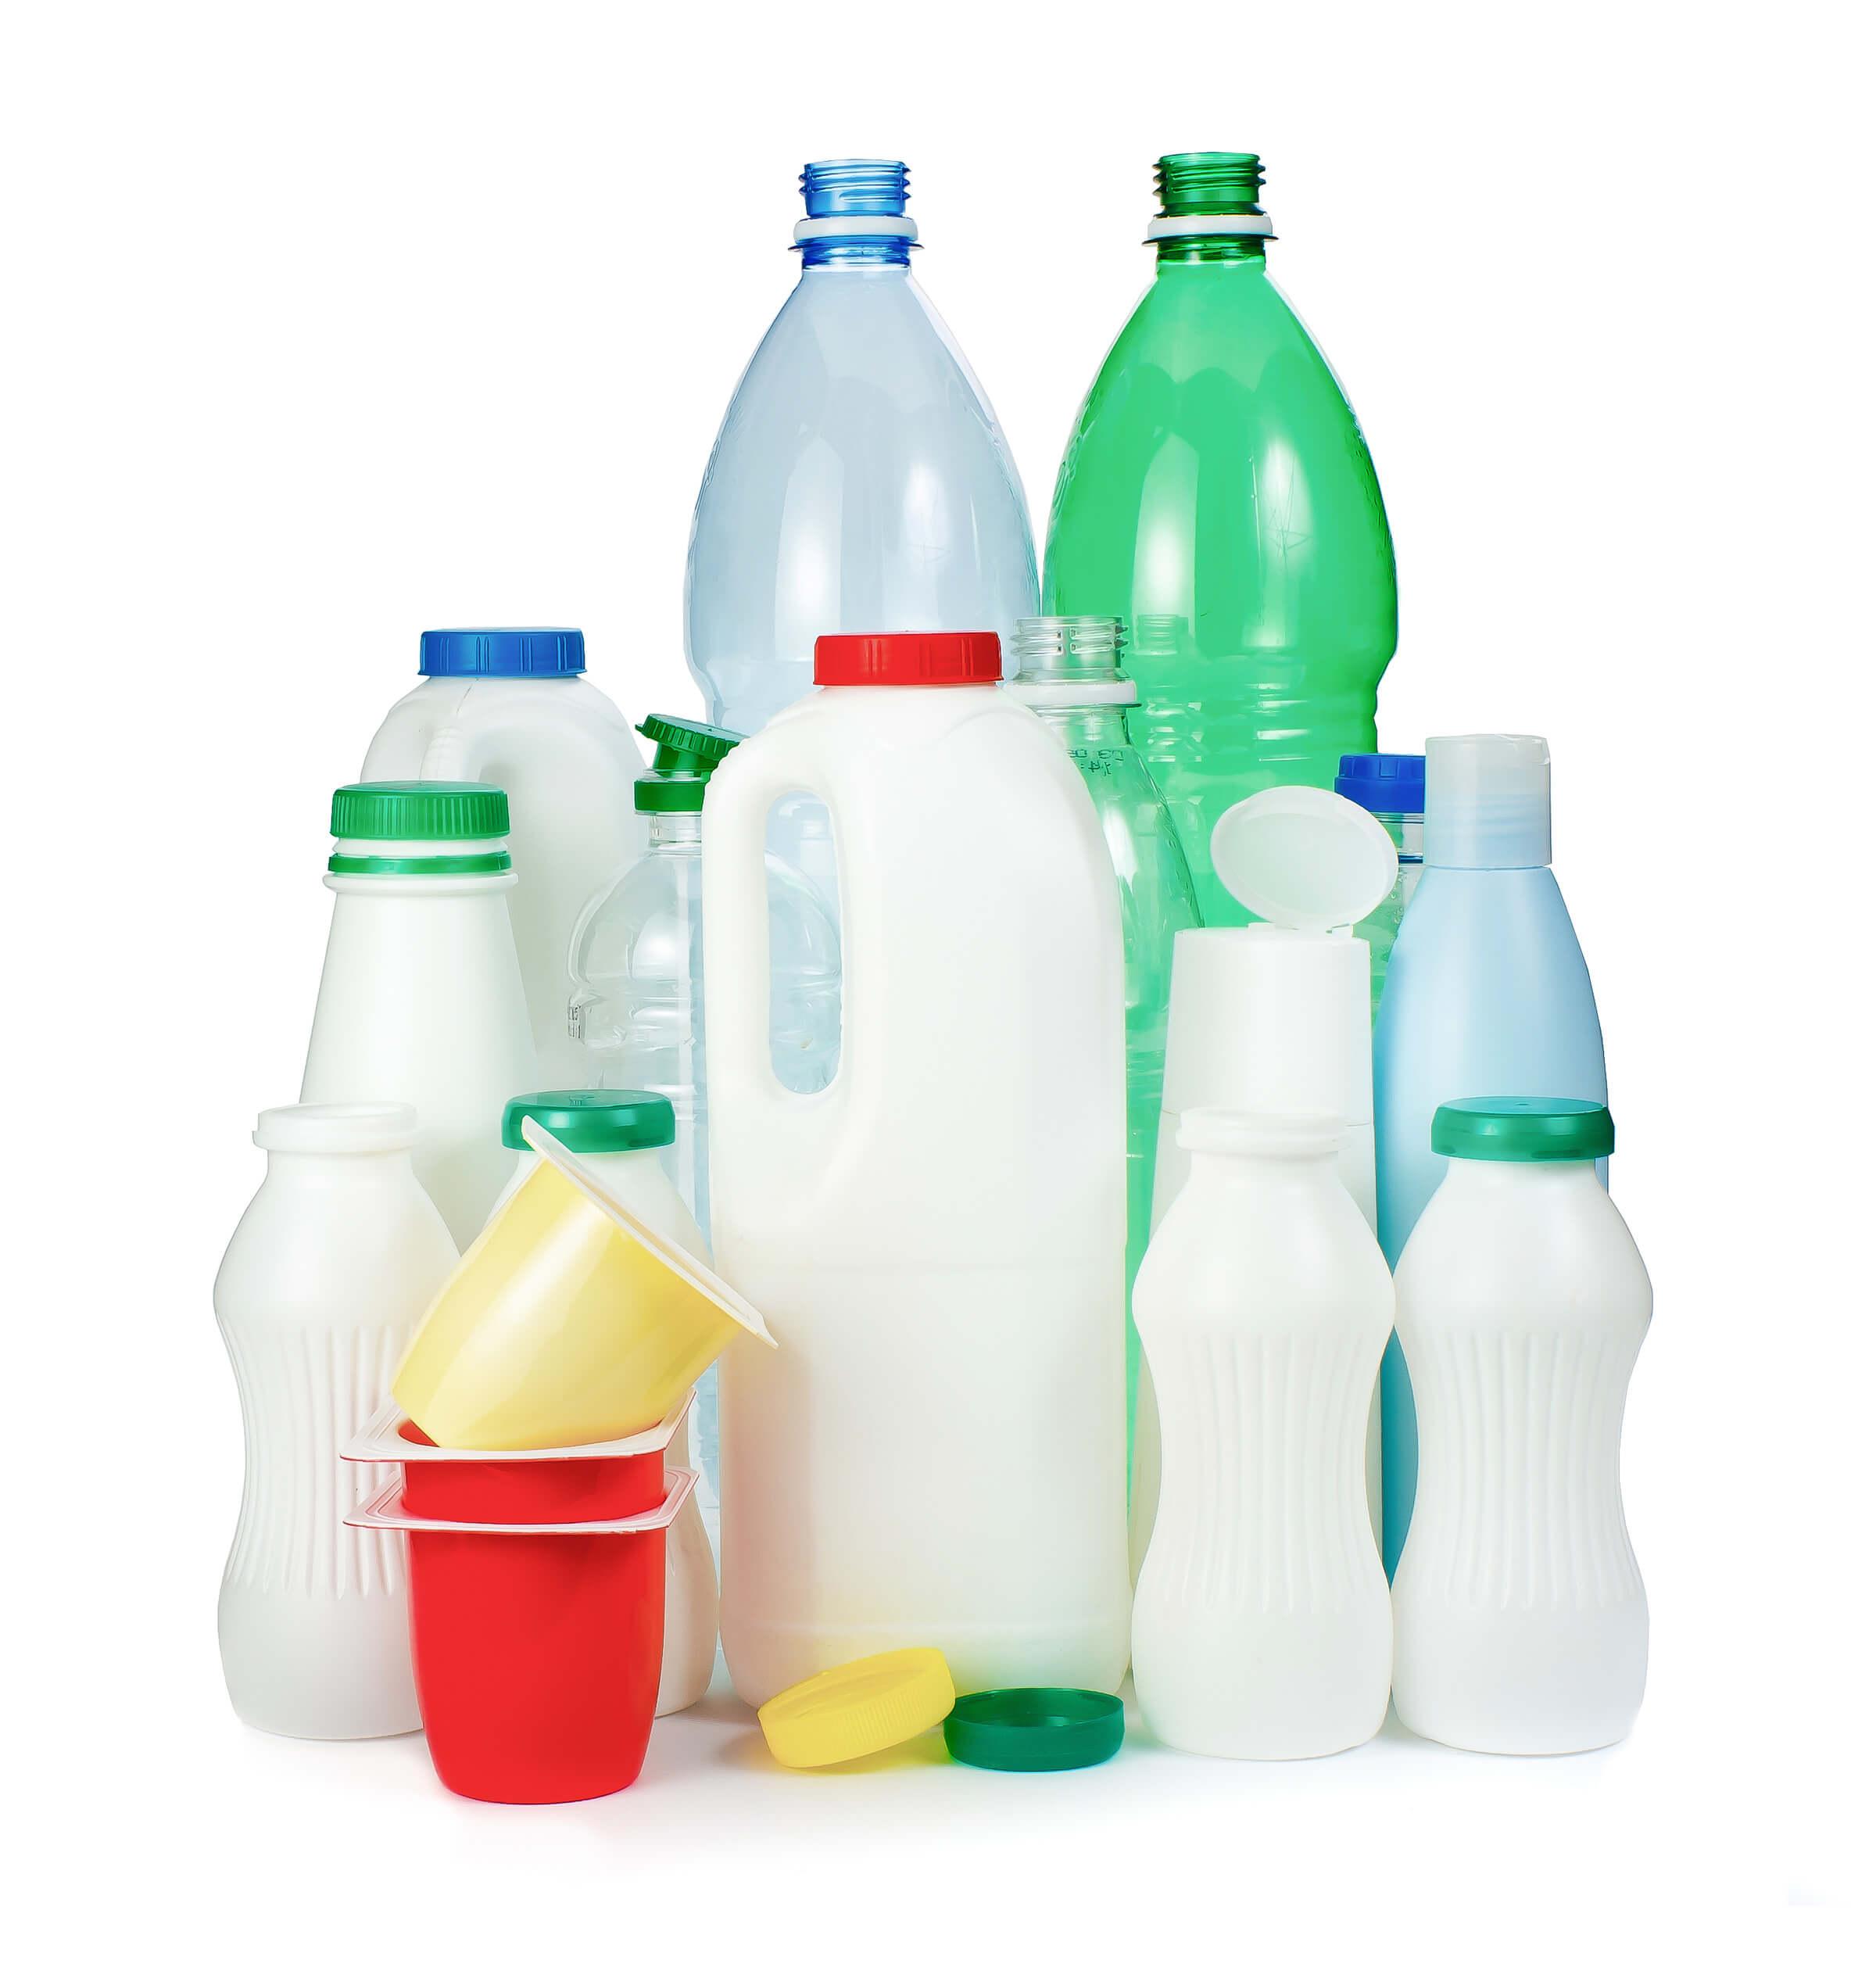 Kunststoff Behälter Verpackungen